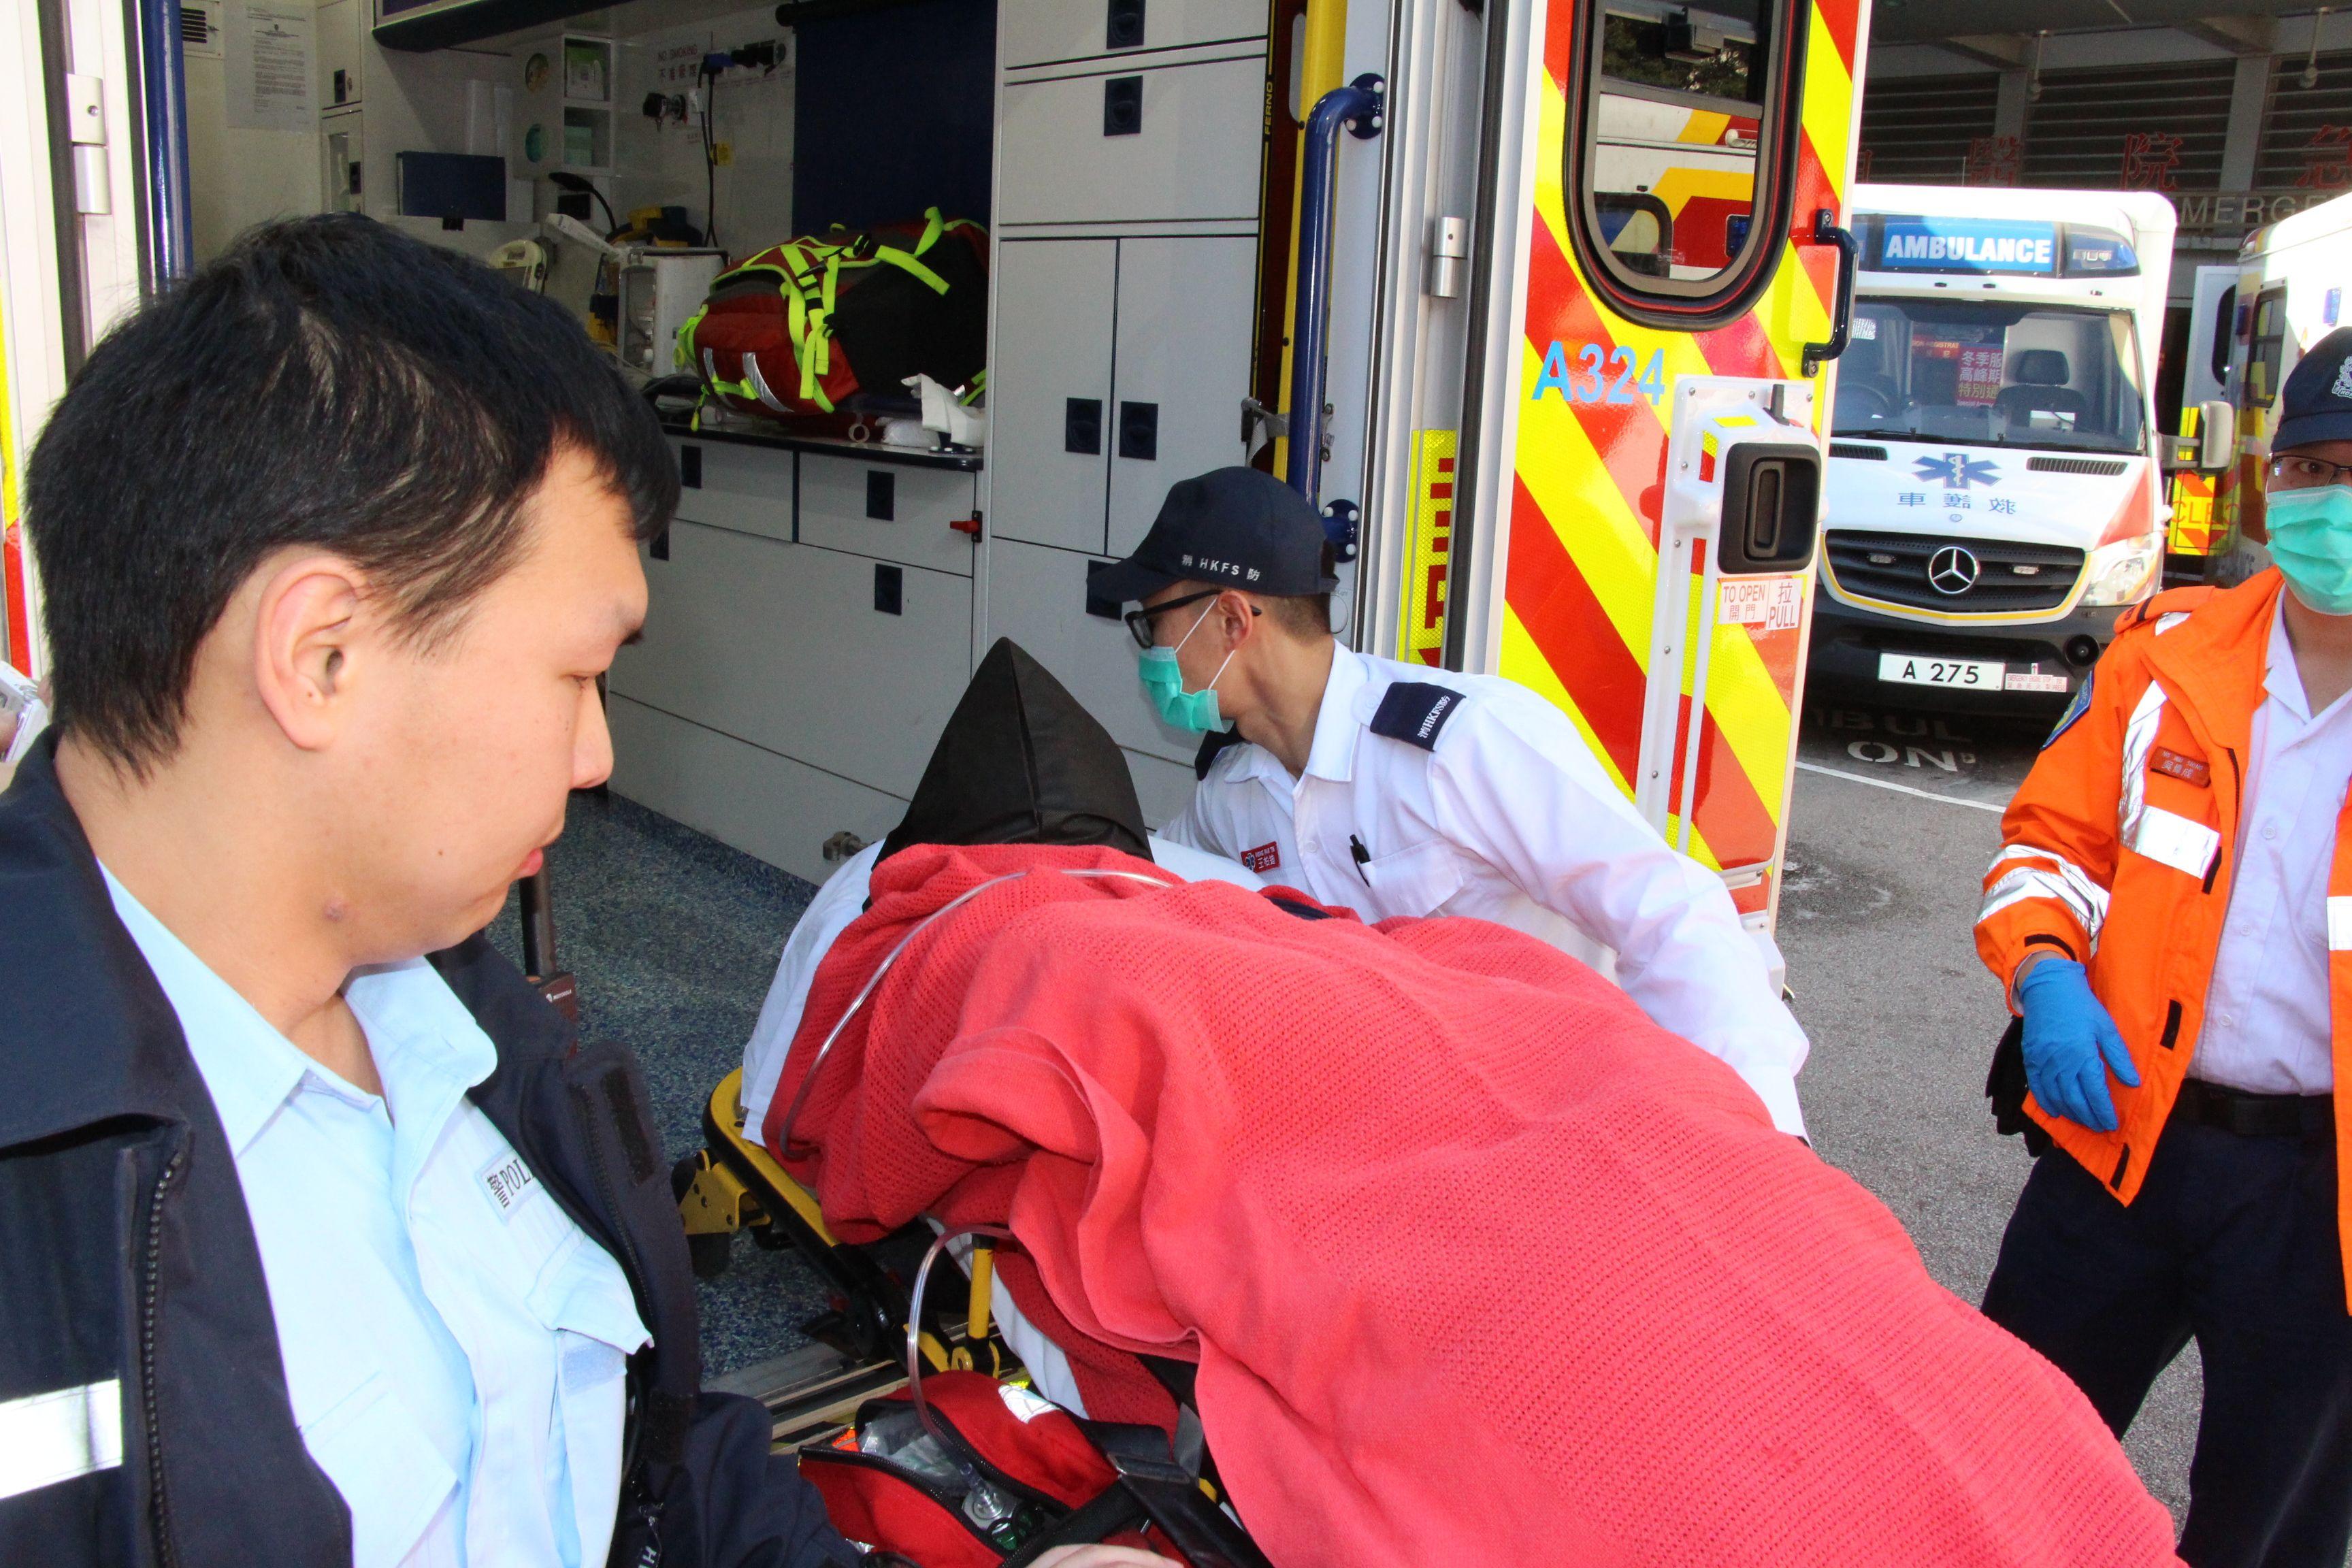 قتل امرأة كورية جنوبية فى هونج كونج